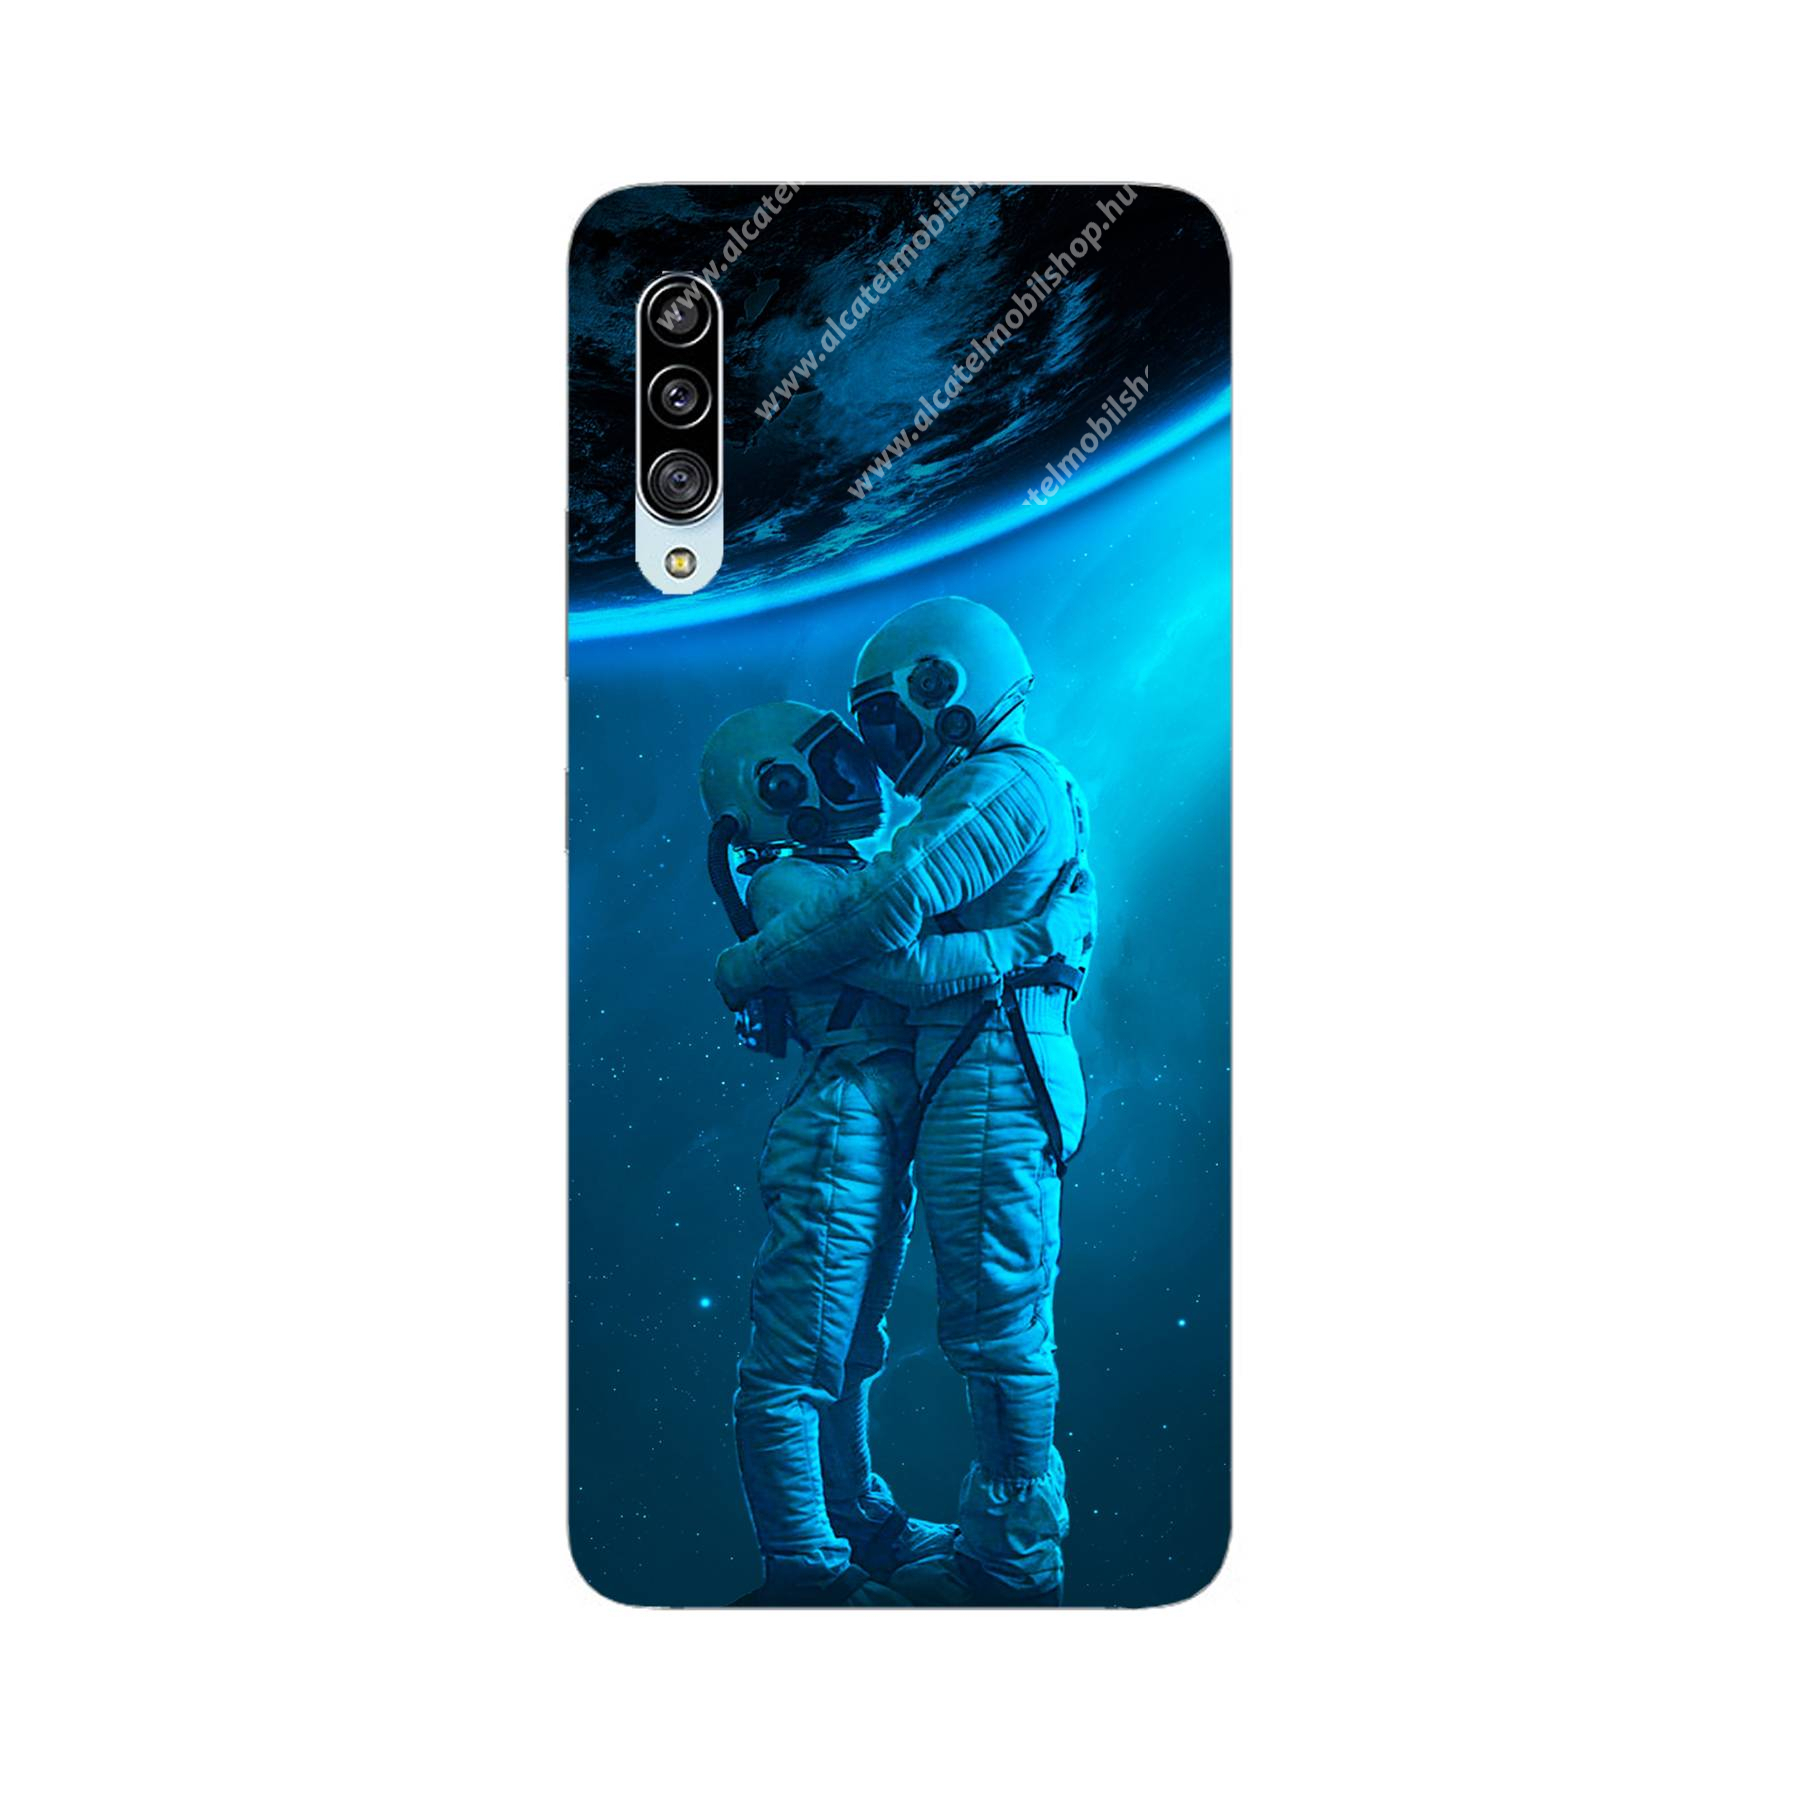 E-pic szilikon védő tok / hátlap - Szerelmes űrhajós pár mintás - SAMSUNG Galaxy A90 5G (SM-A908F)